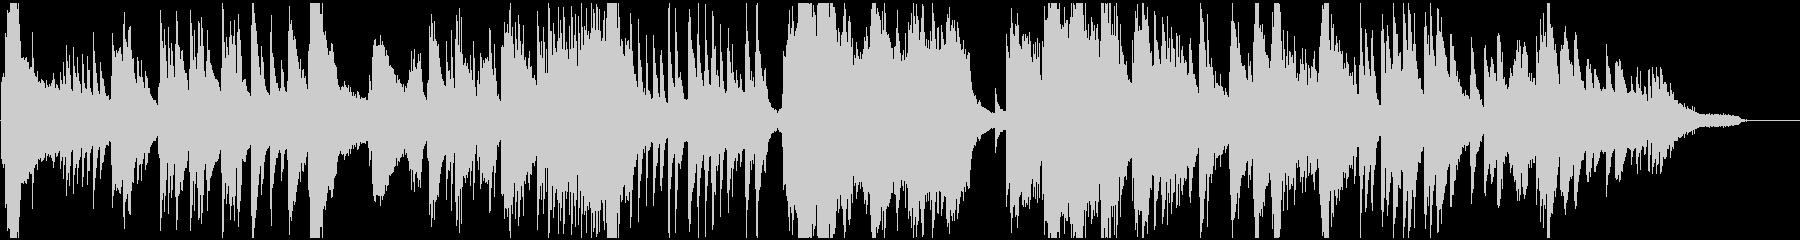 流れるようなフリーテンポのピアノ楽曲の未再生の波形